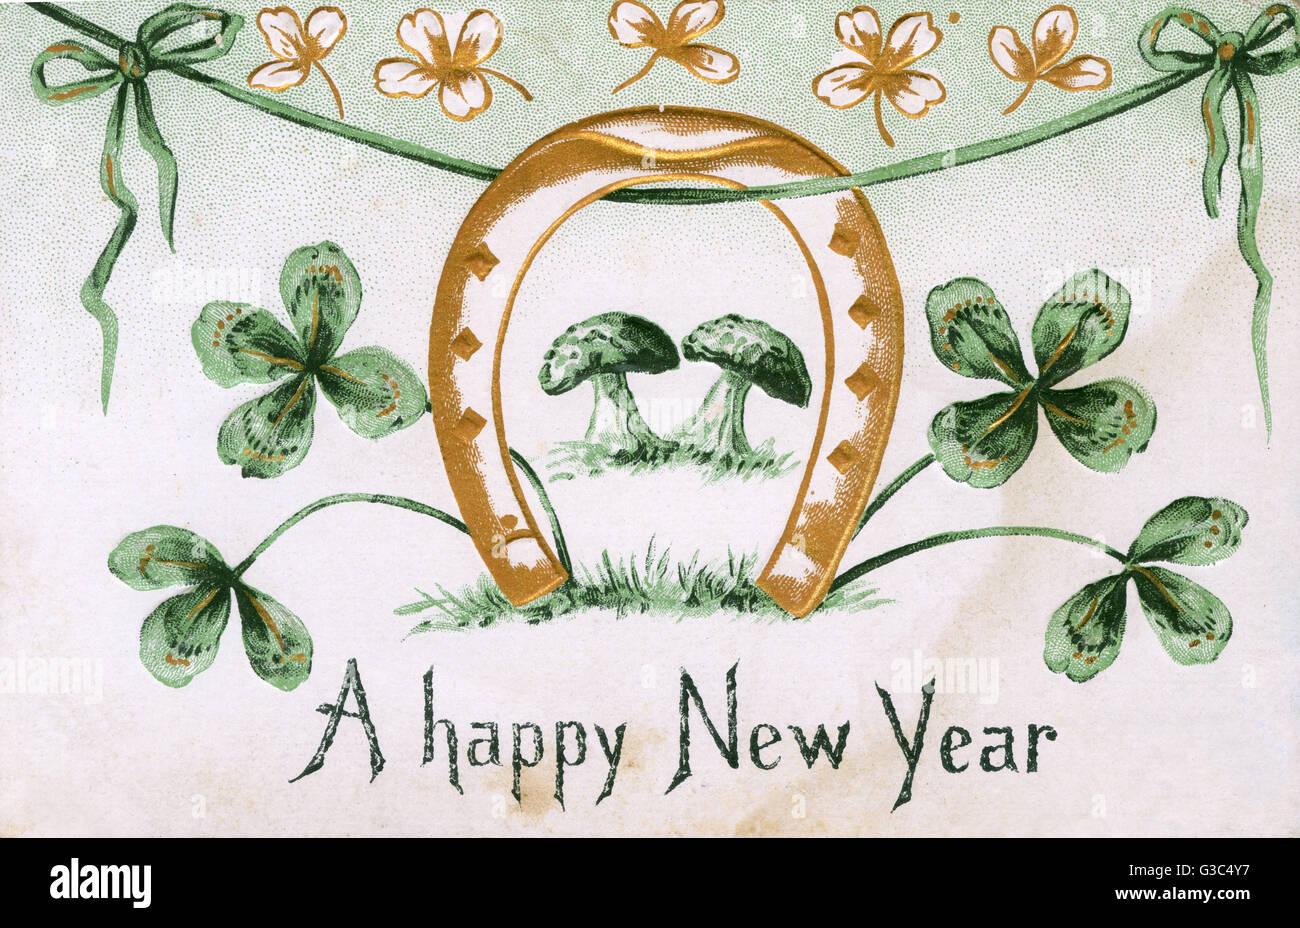 Irish Postcard Stock Photos & Irish Postcard Stock Images - Alamy